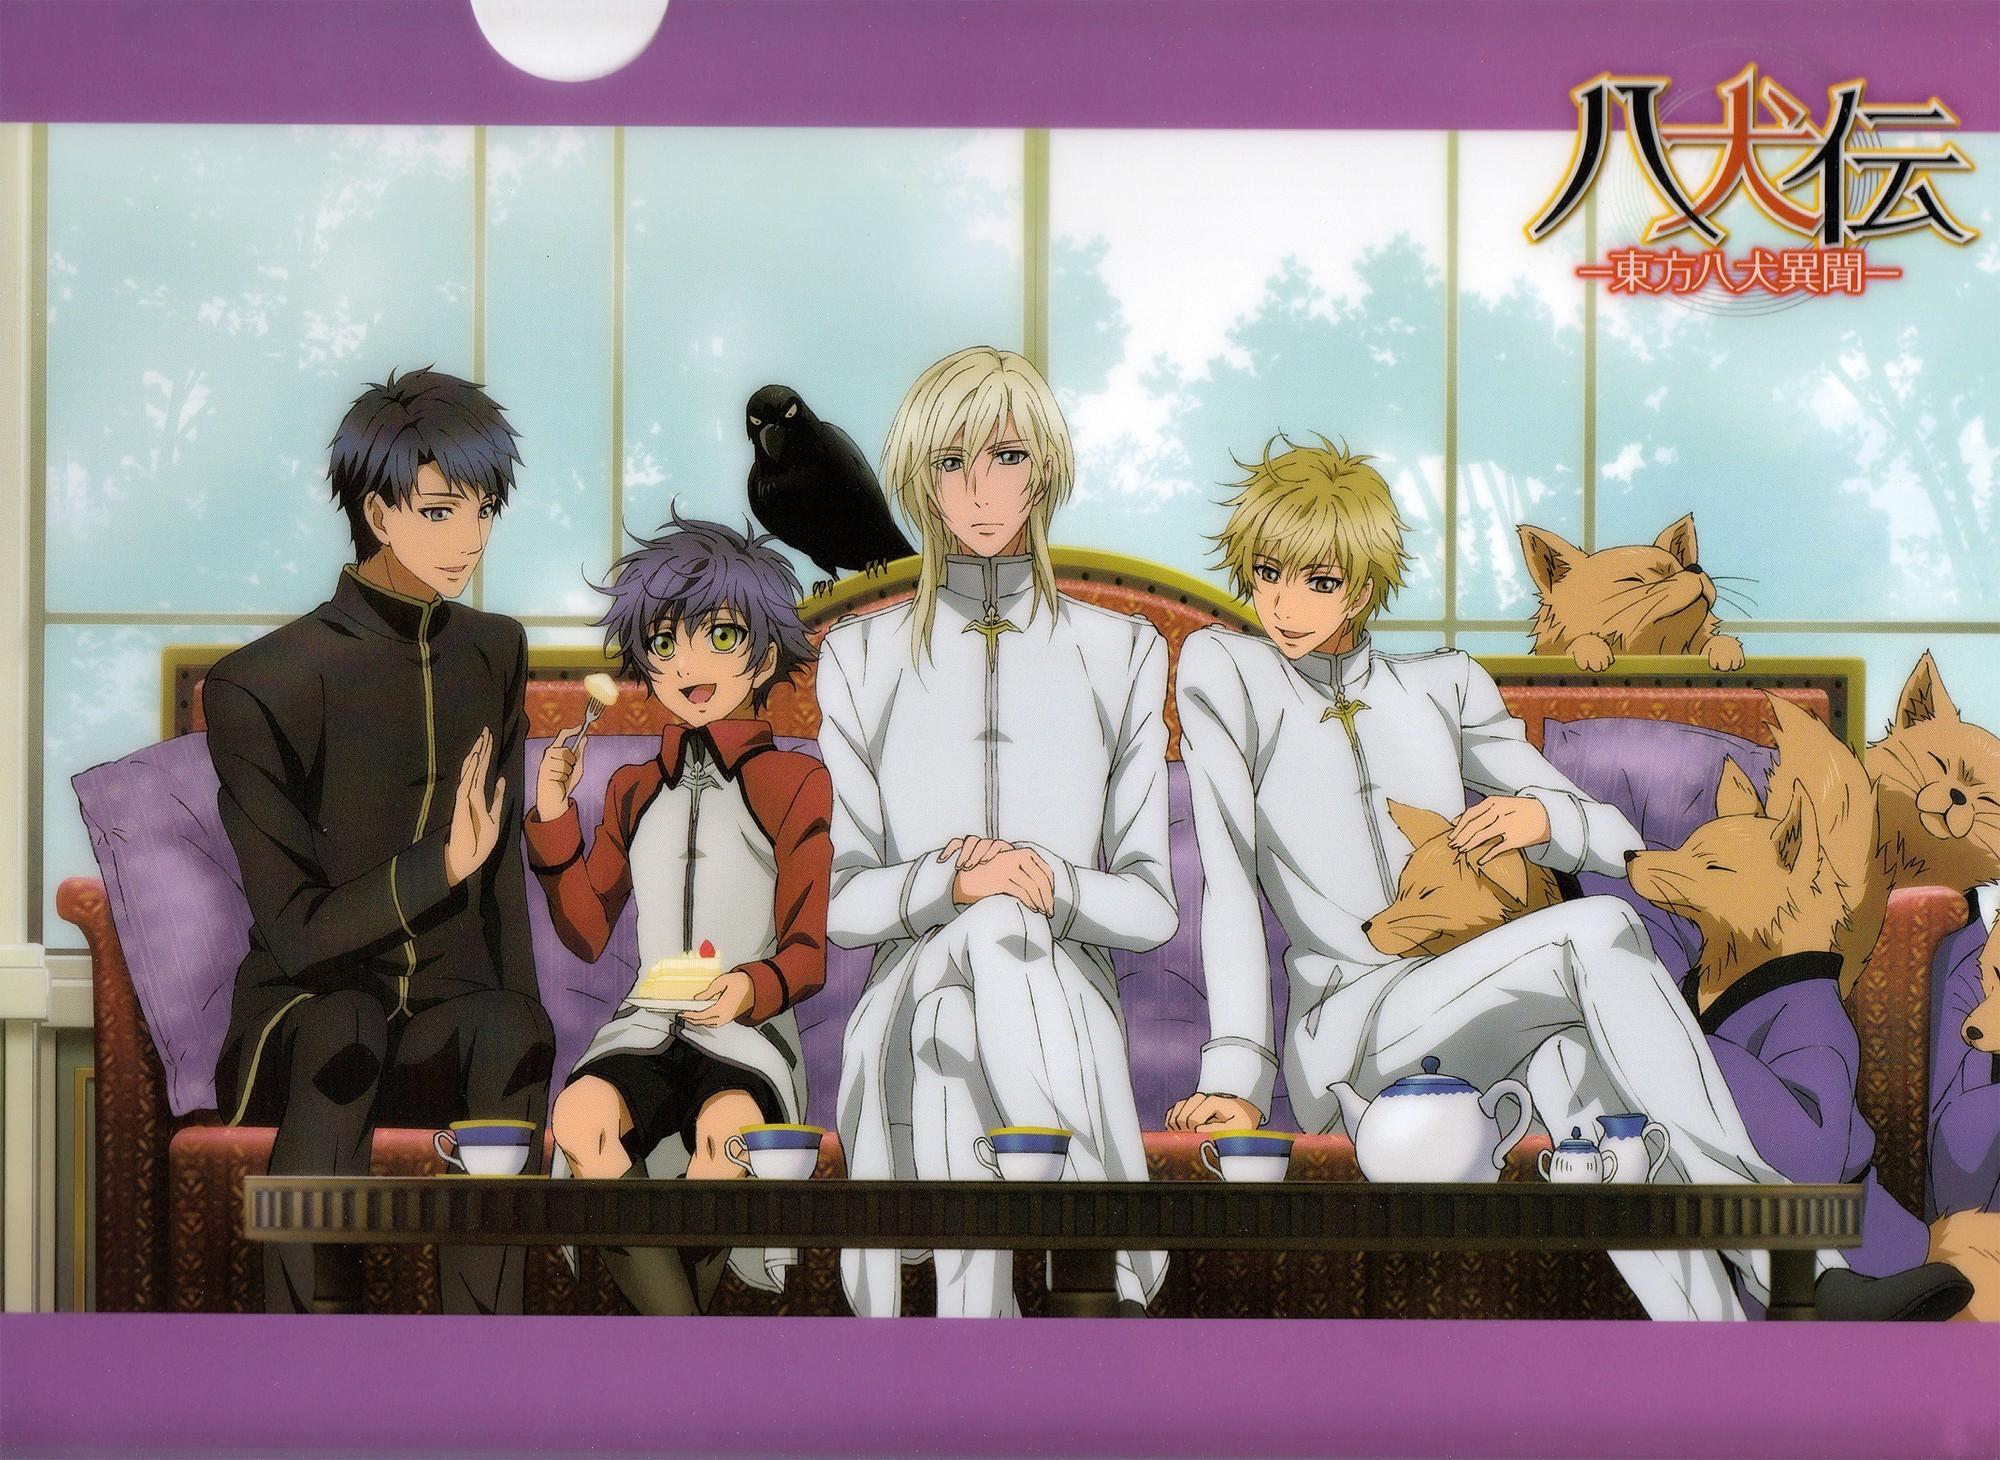 dgdg875_anime_wallpaper_hakkenden-8743.jpg